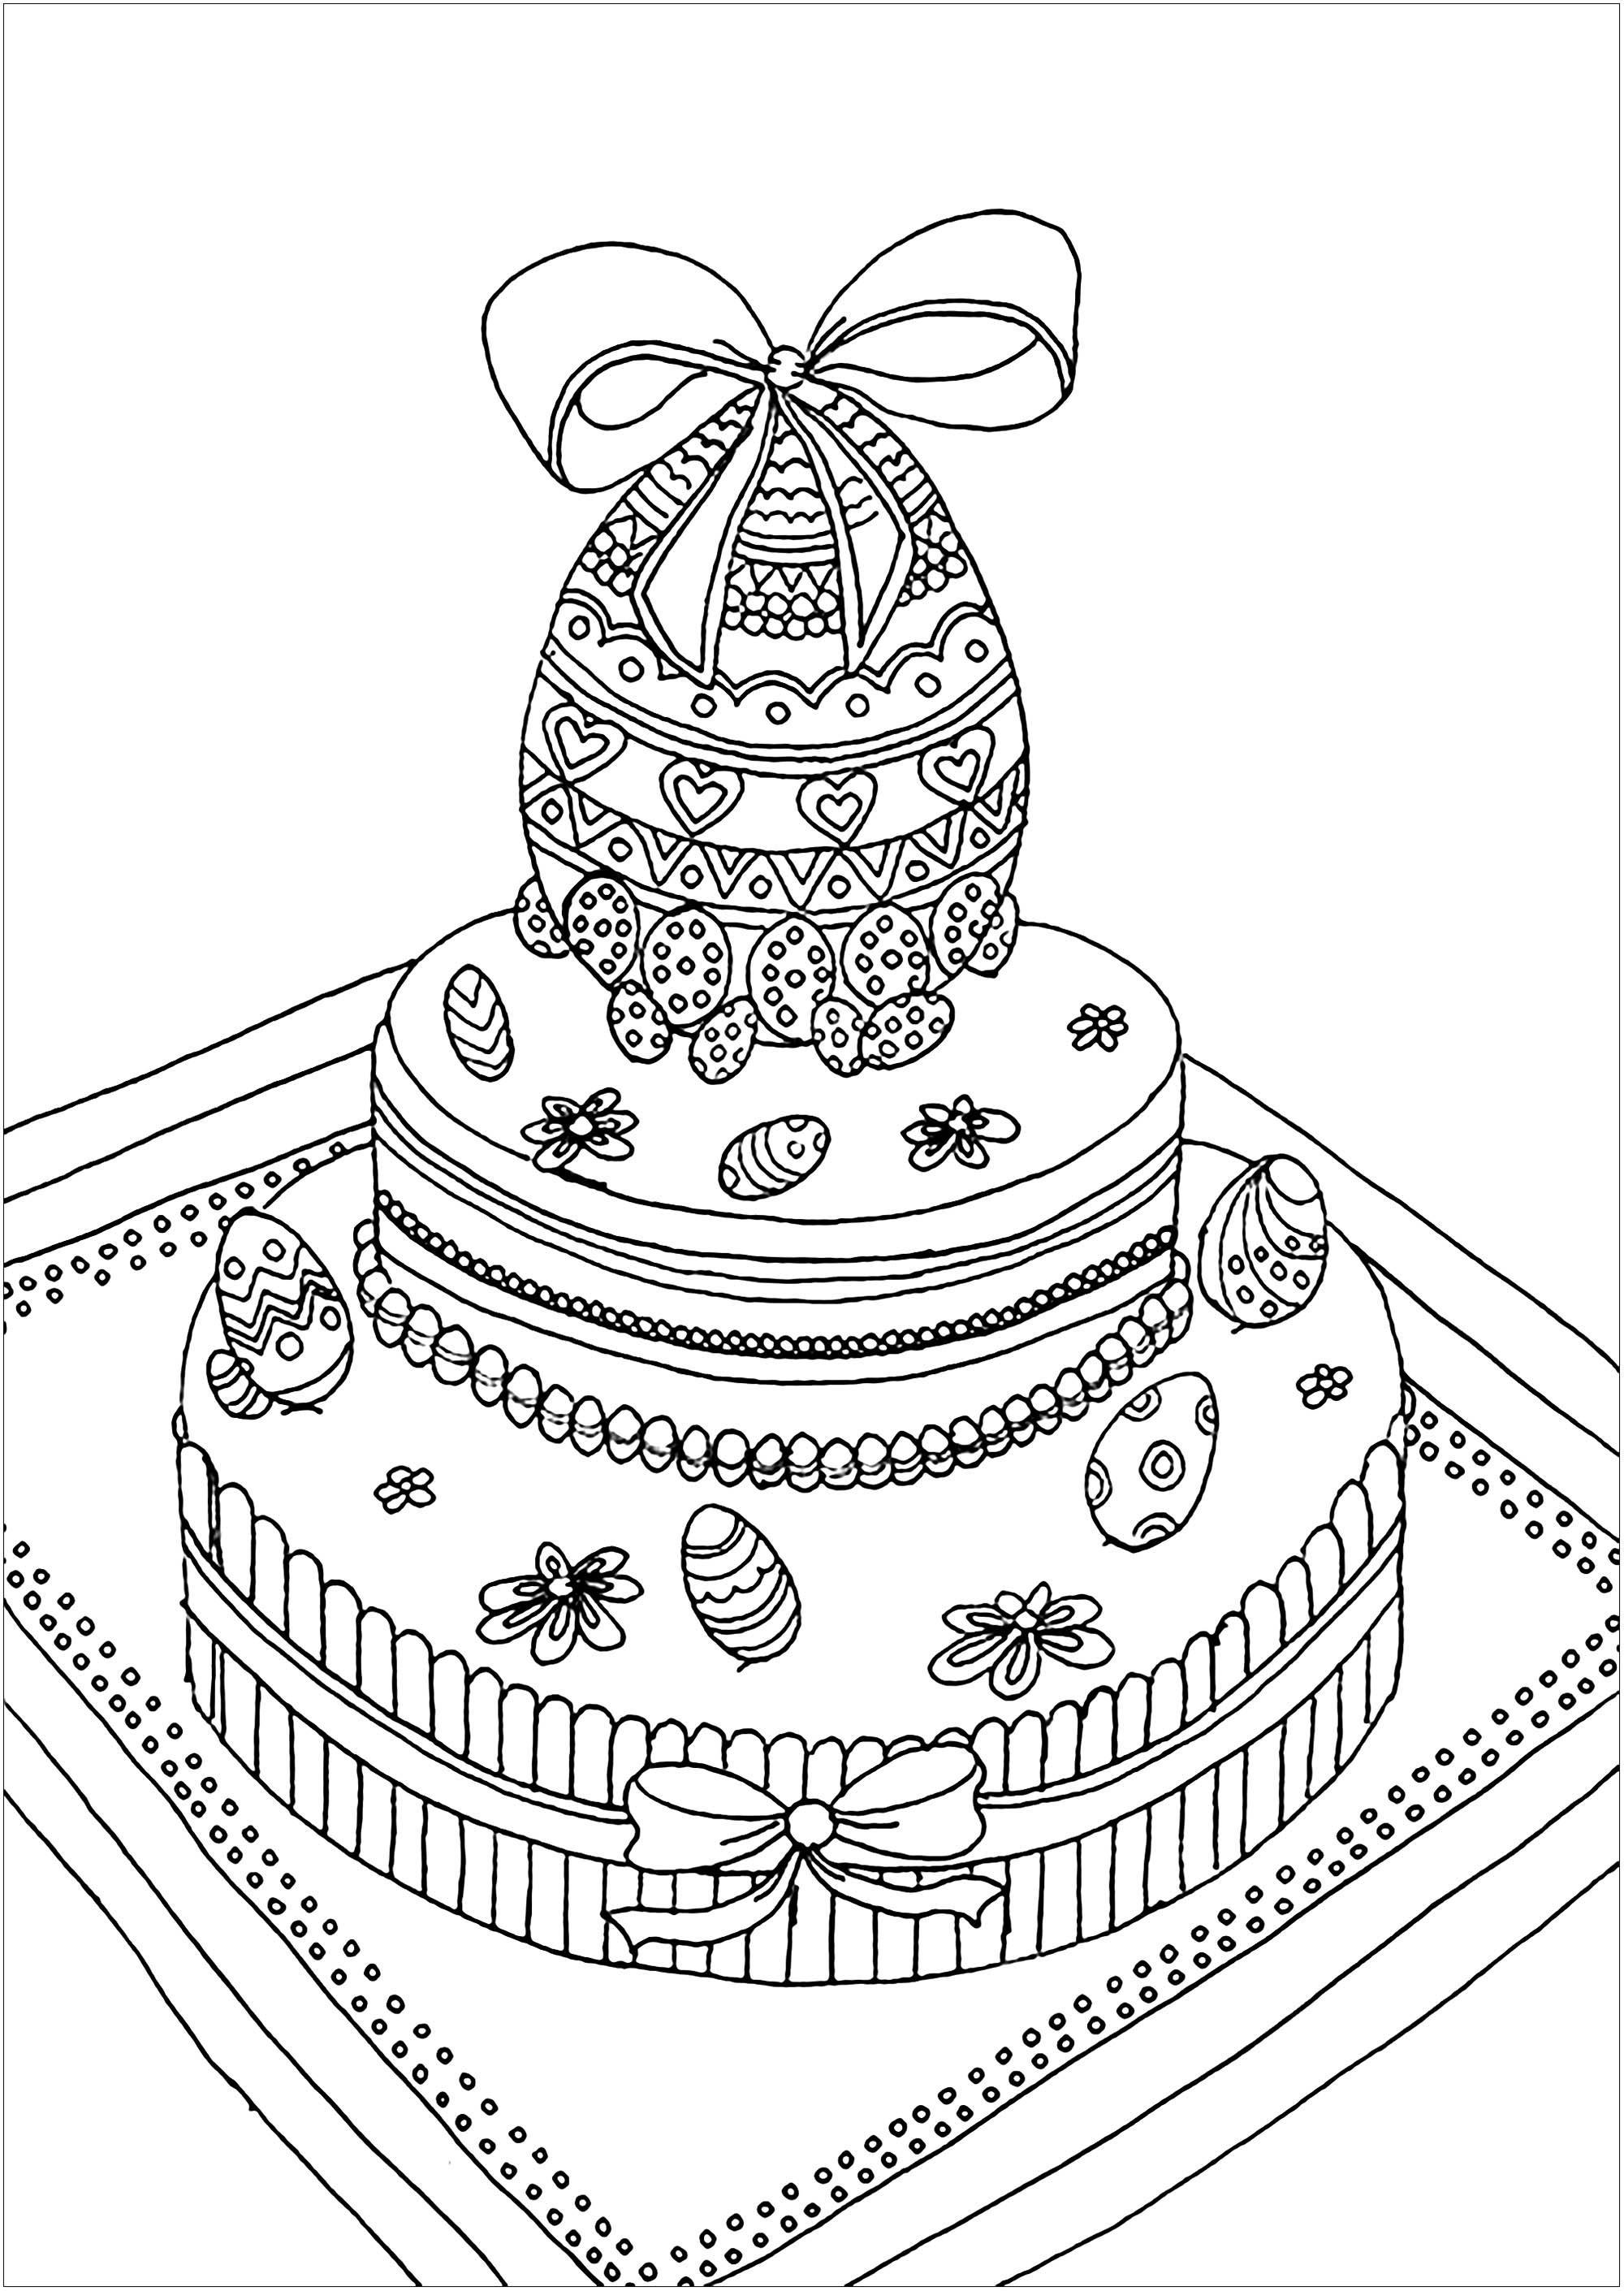 Oeuf de Pâques posé sur un gâteau semblant délicieux